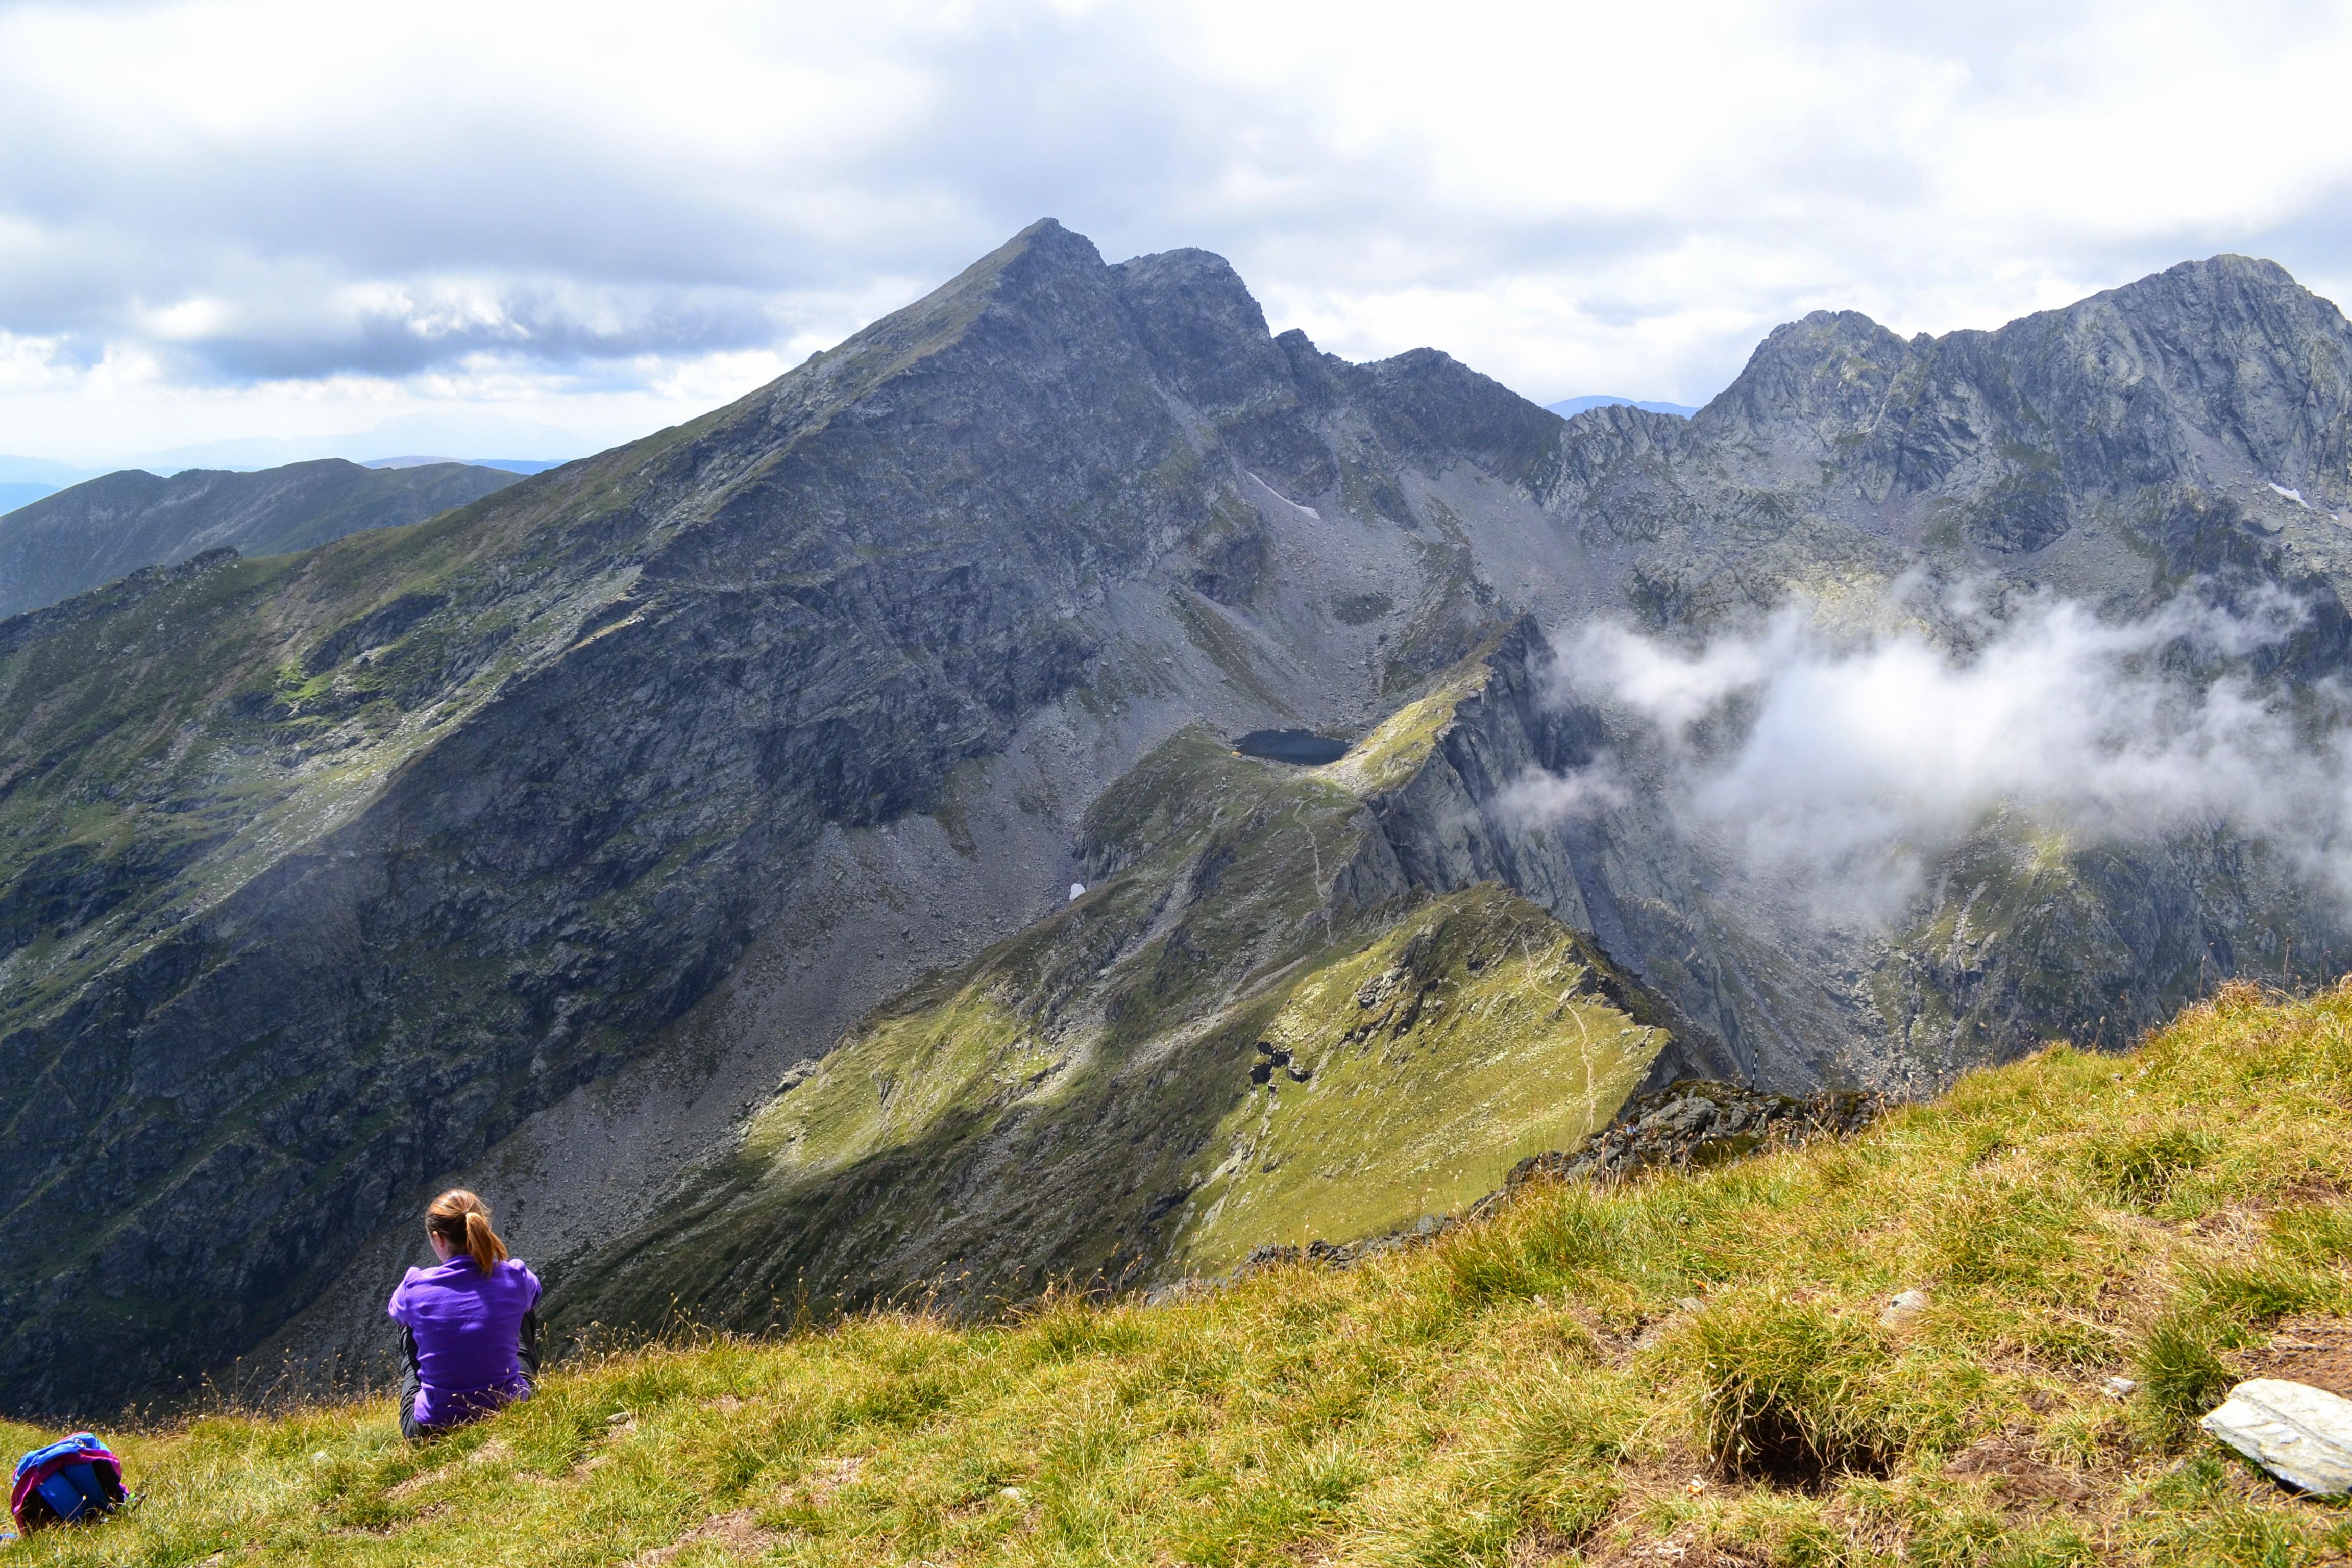 DSC 0141 - Beneficiile mersului pe munte